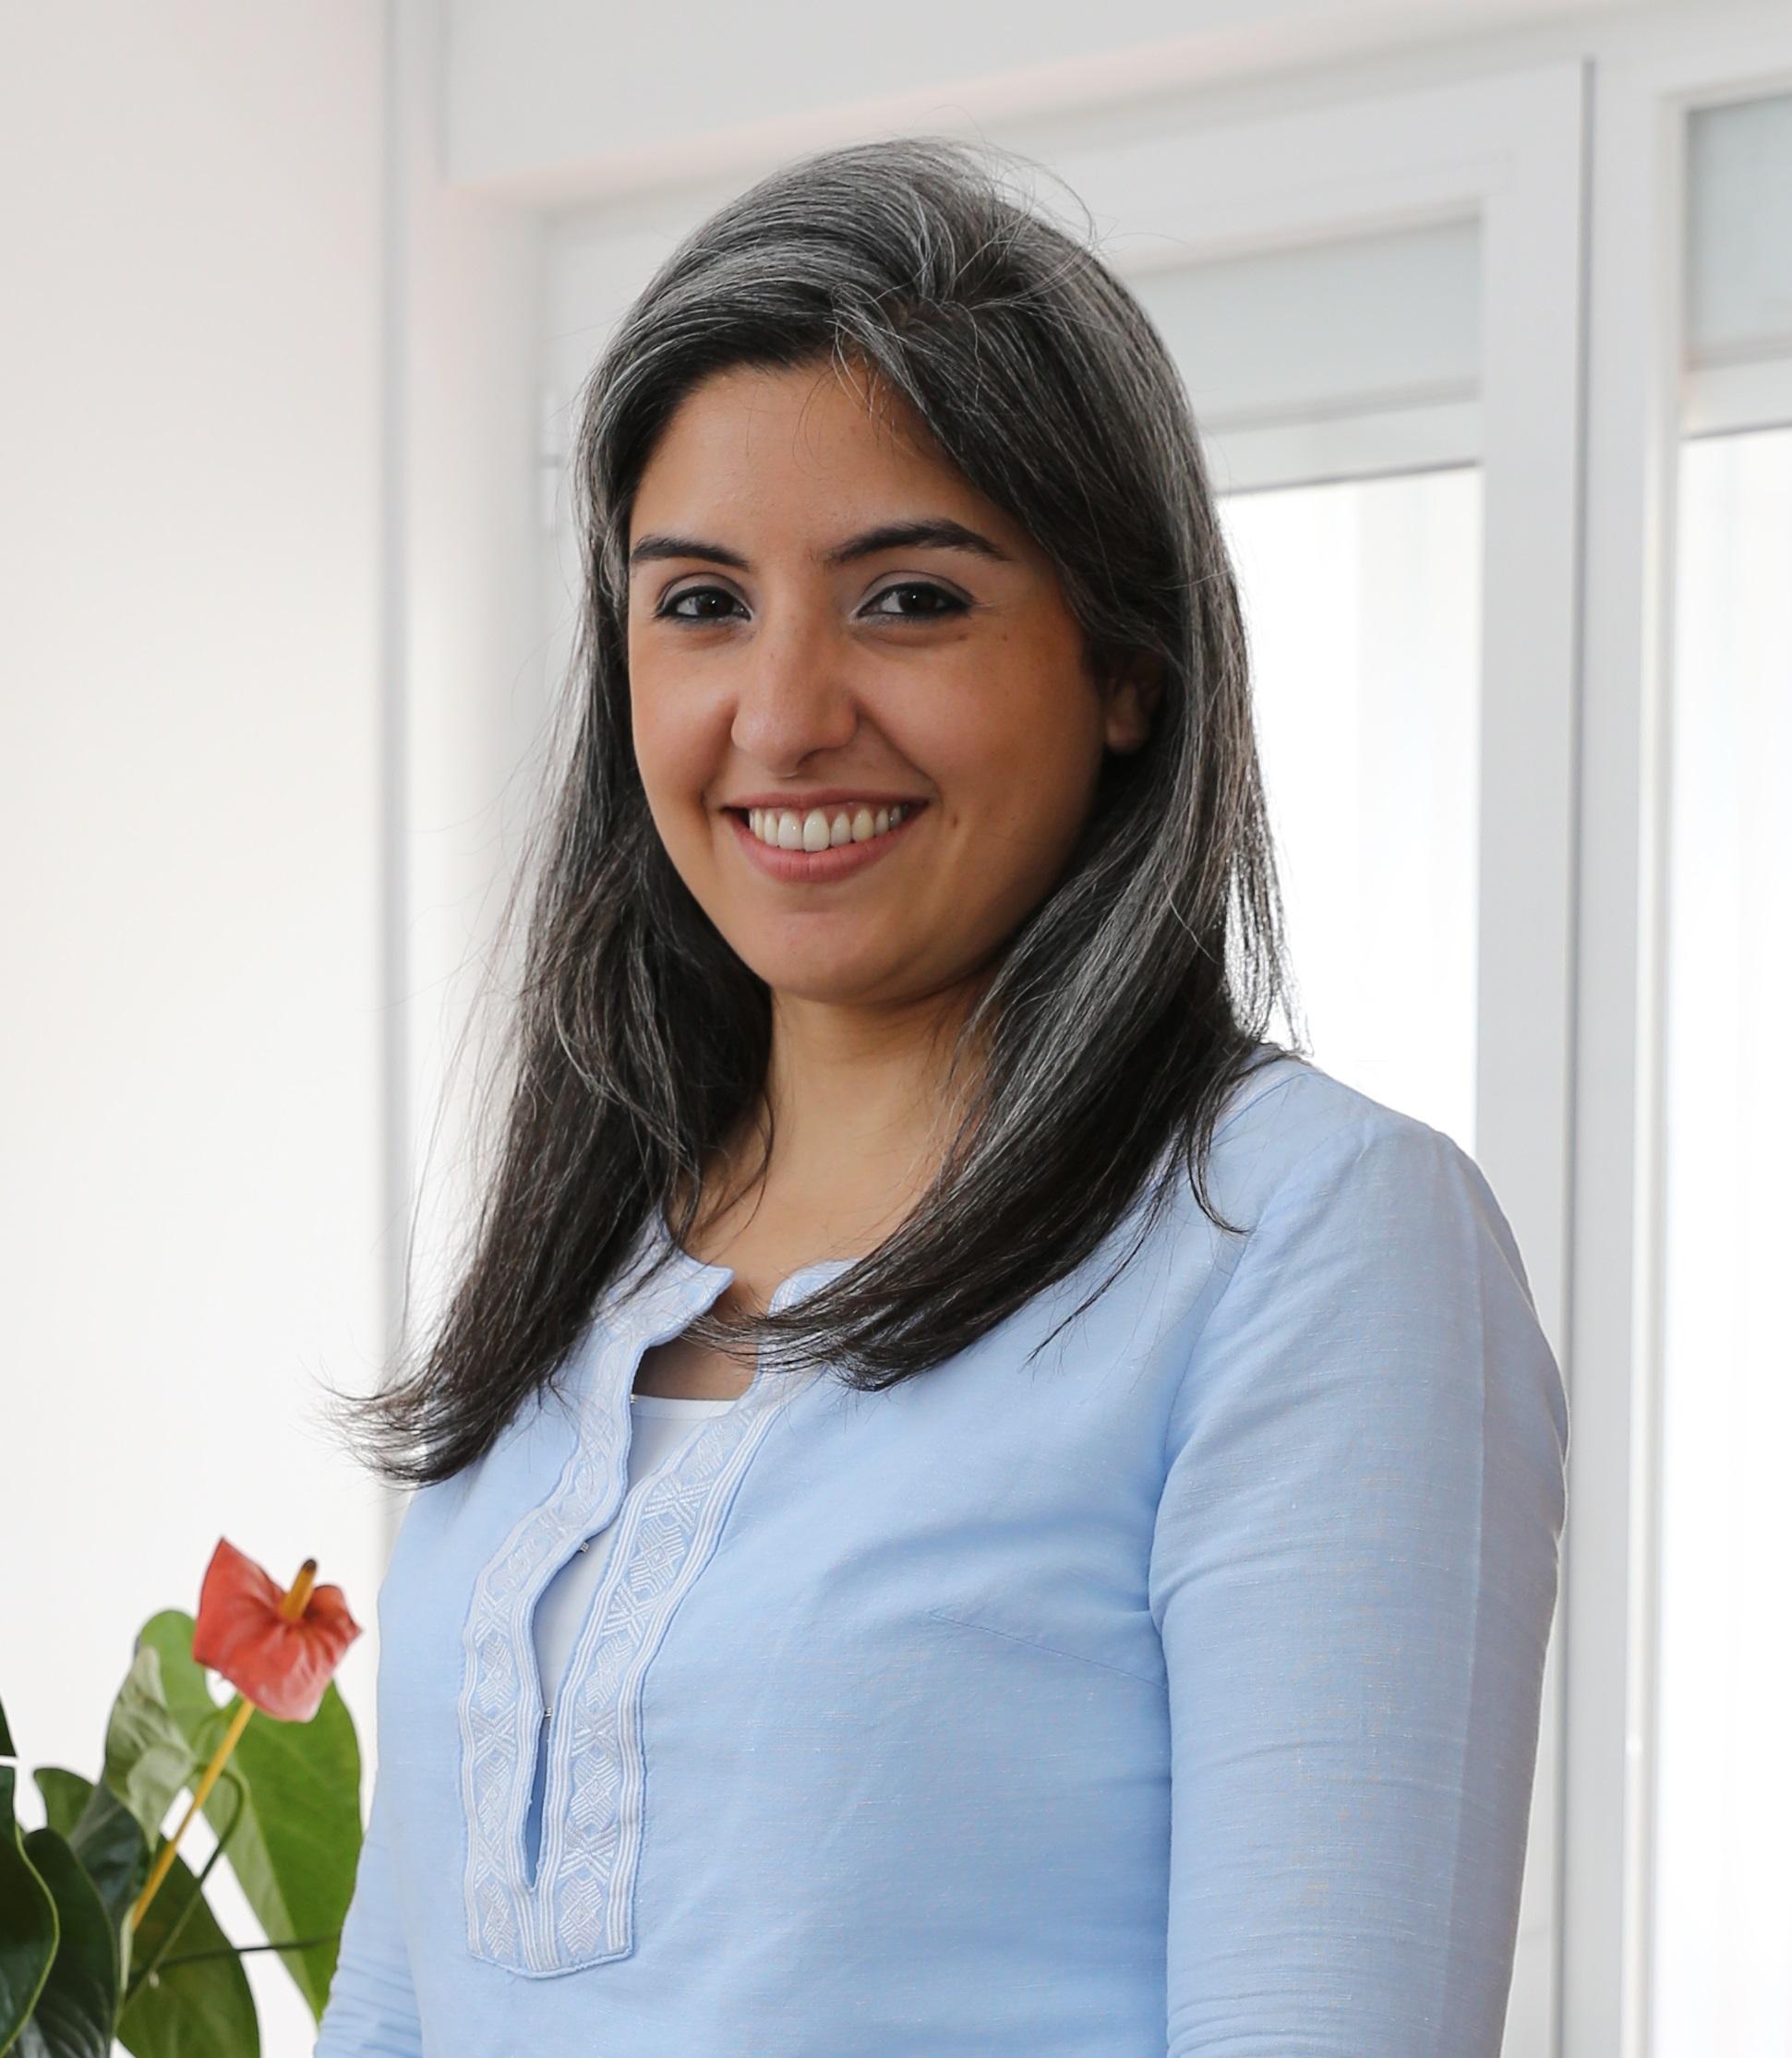 Bárbara Sofia de Carvalho